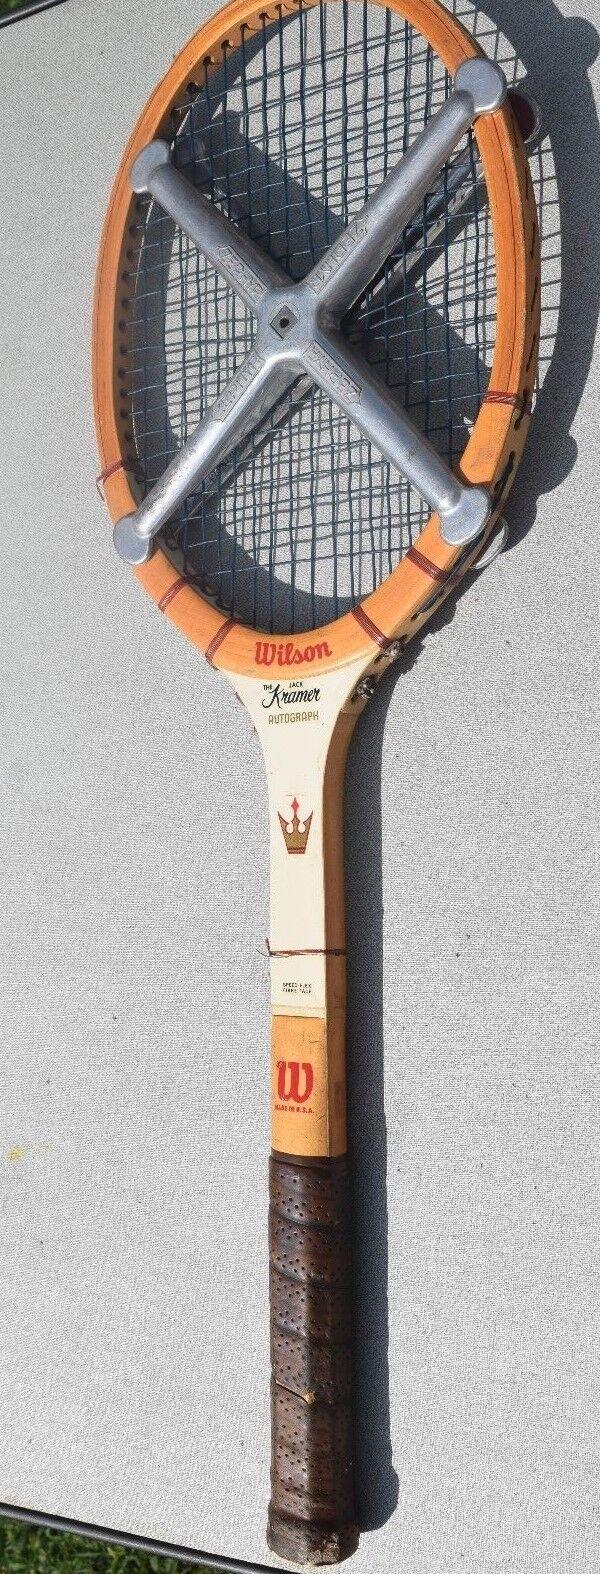 Vintage Raqueta Wilson Raqueta De Tenis Madera Jack Kramer autógrafo década de 1960 Made Usa